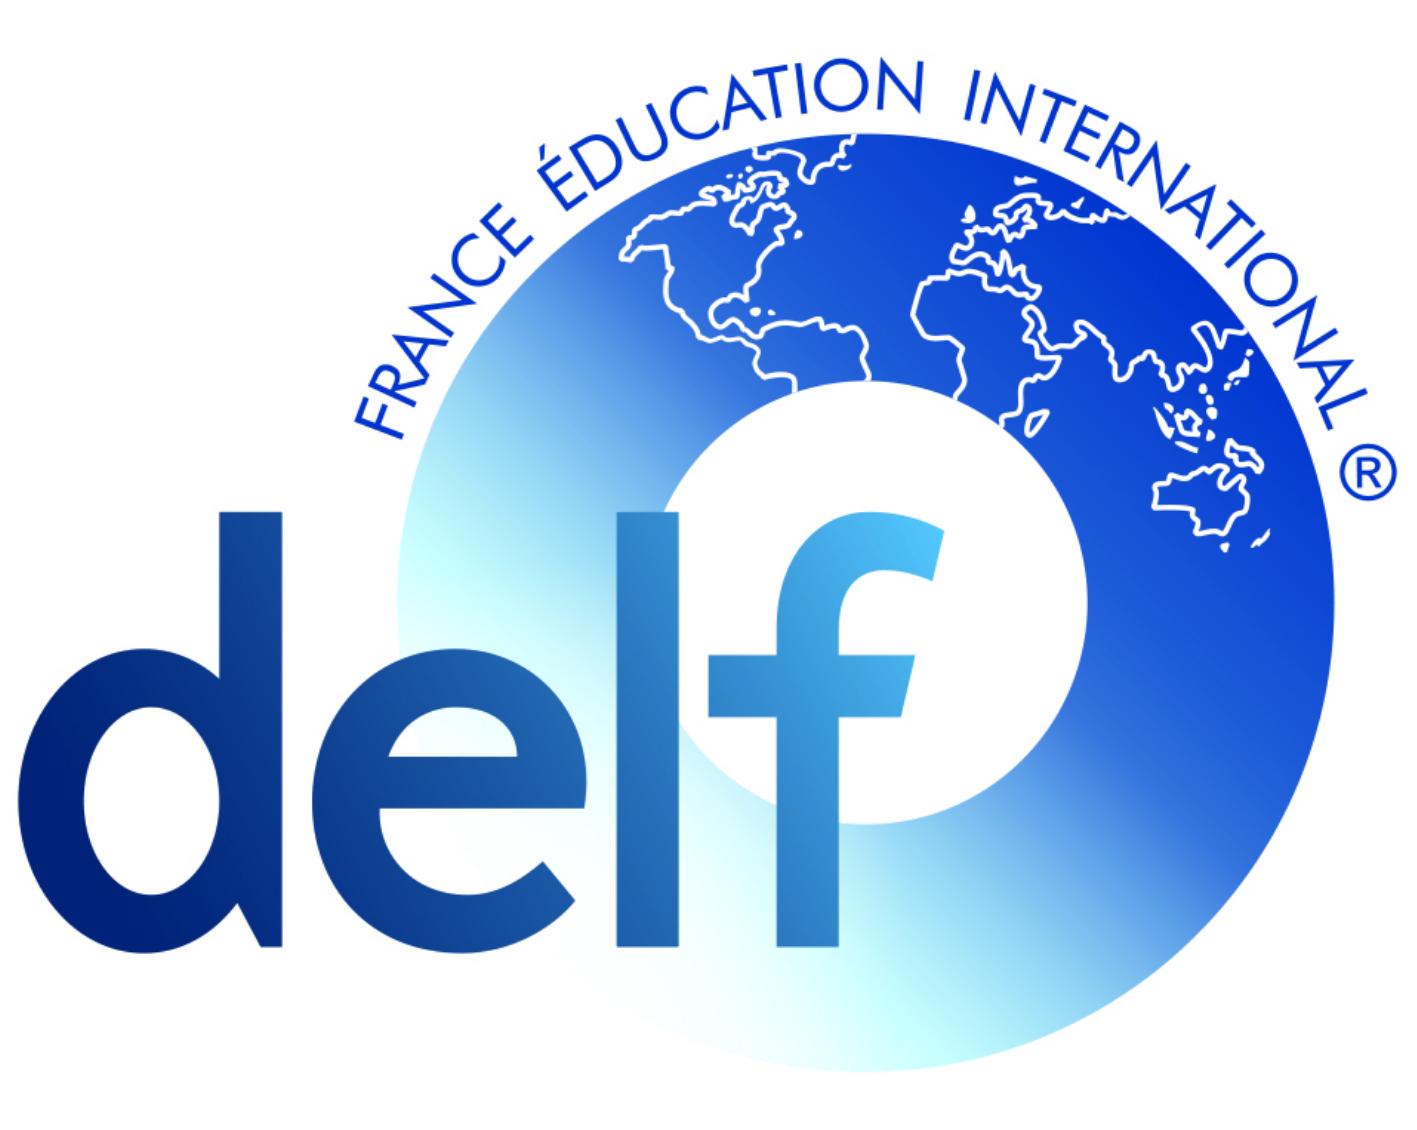 delf_logo_trinity_college